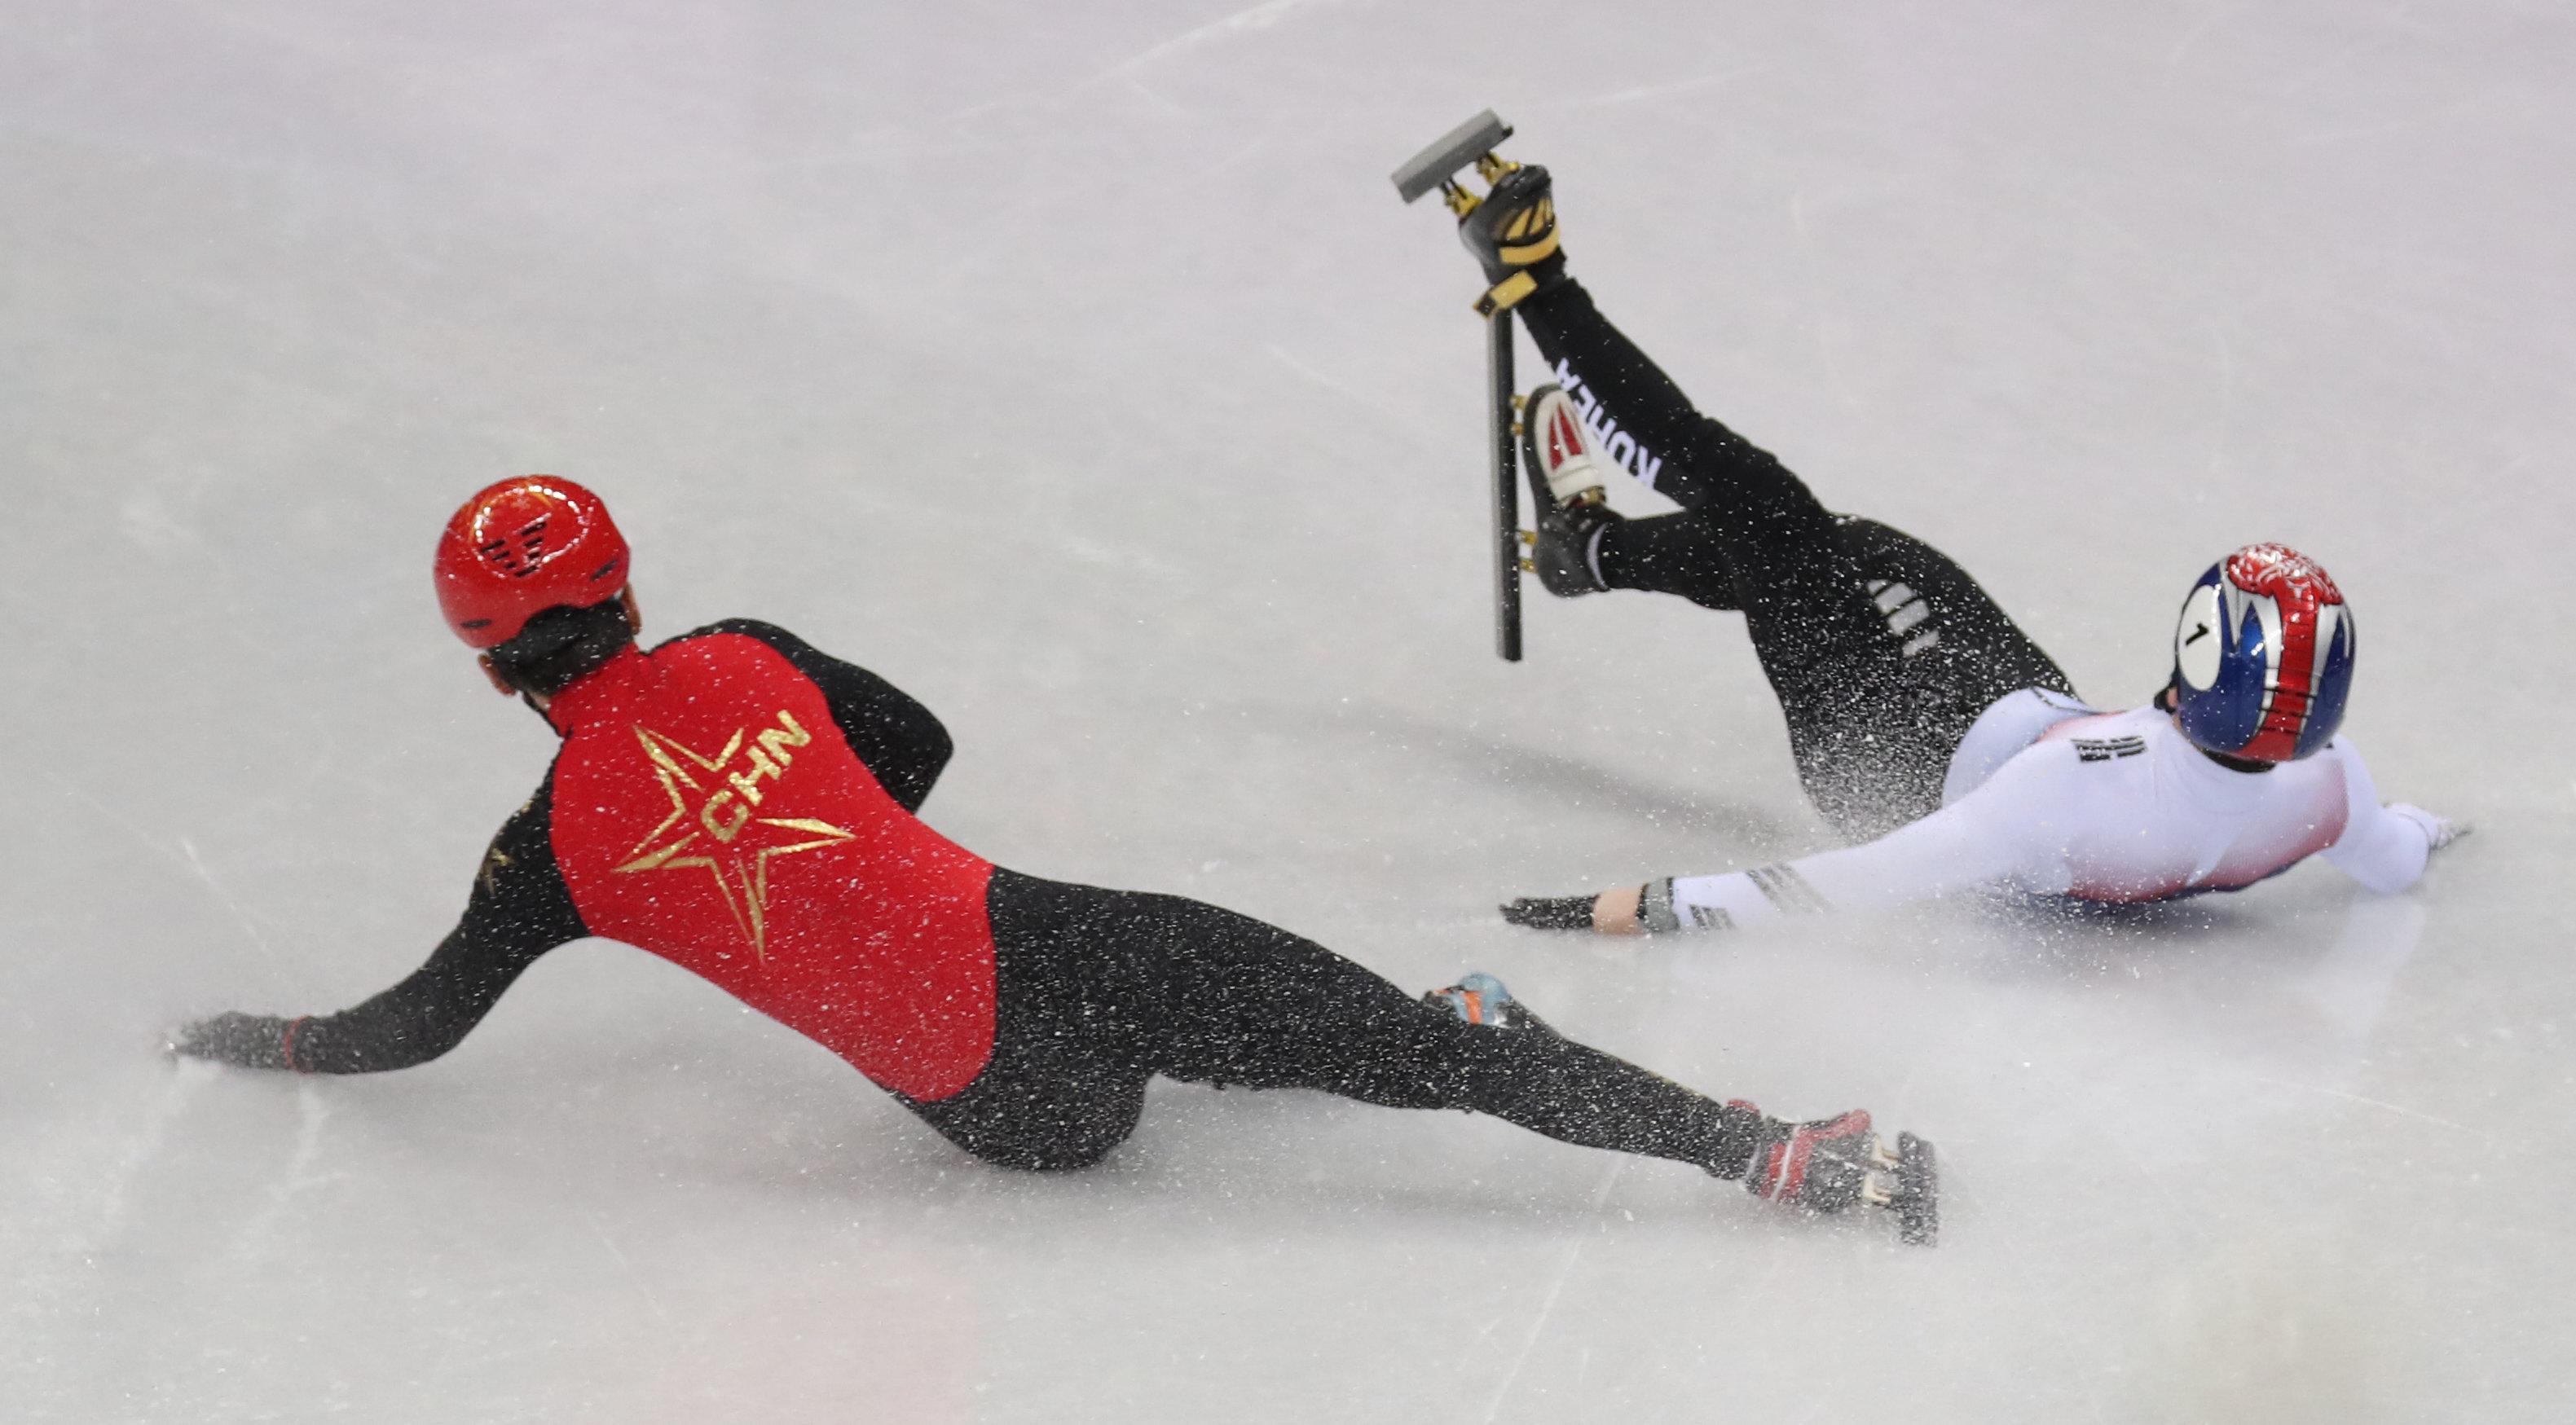 서이라가 쇼트트랙 500m 준준결승에서